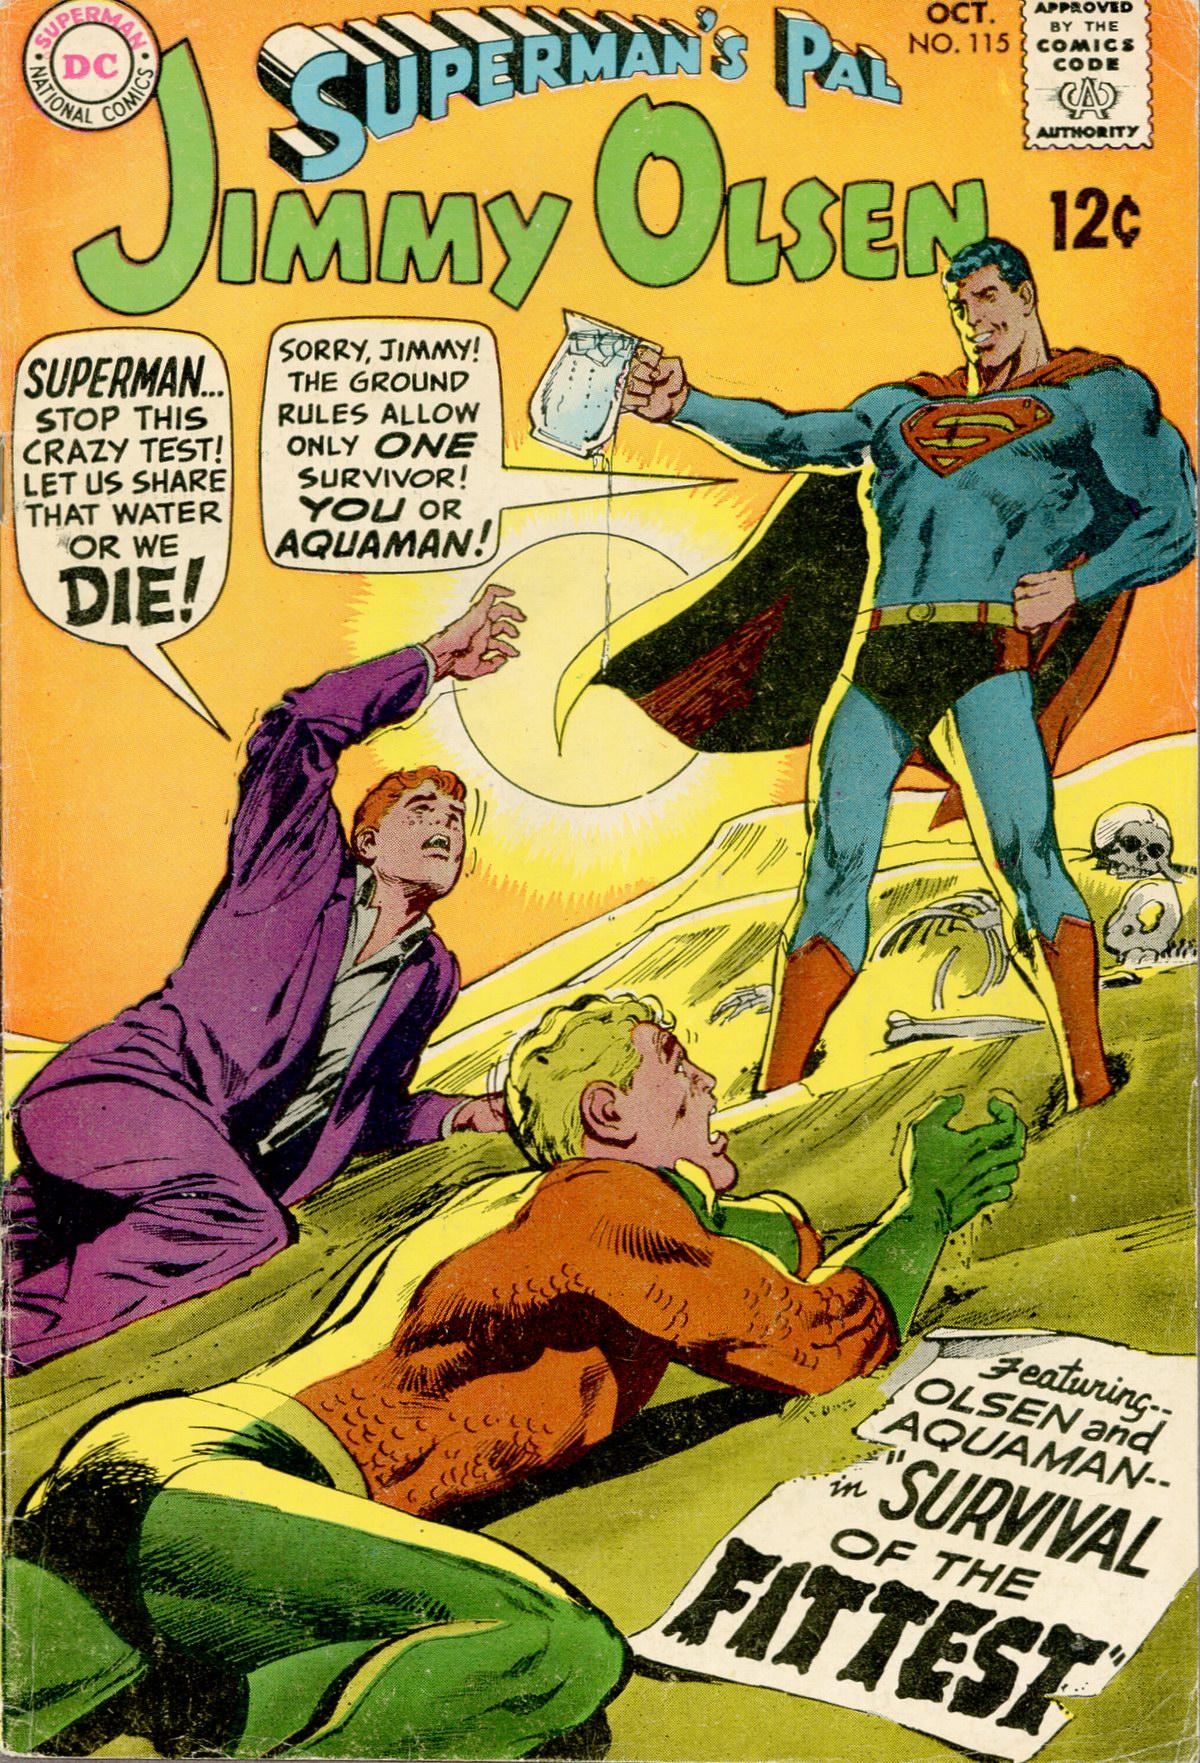 para você quem é o mais bondoso super herói dos quadrinhos? Original